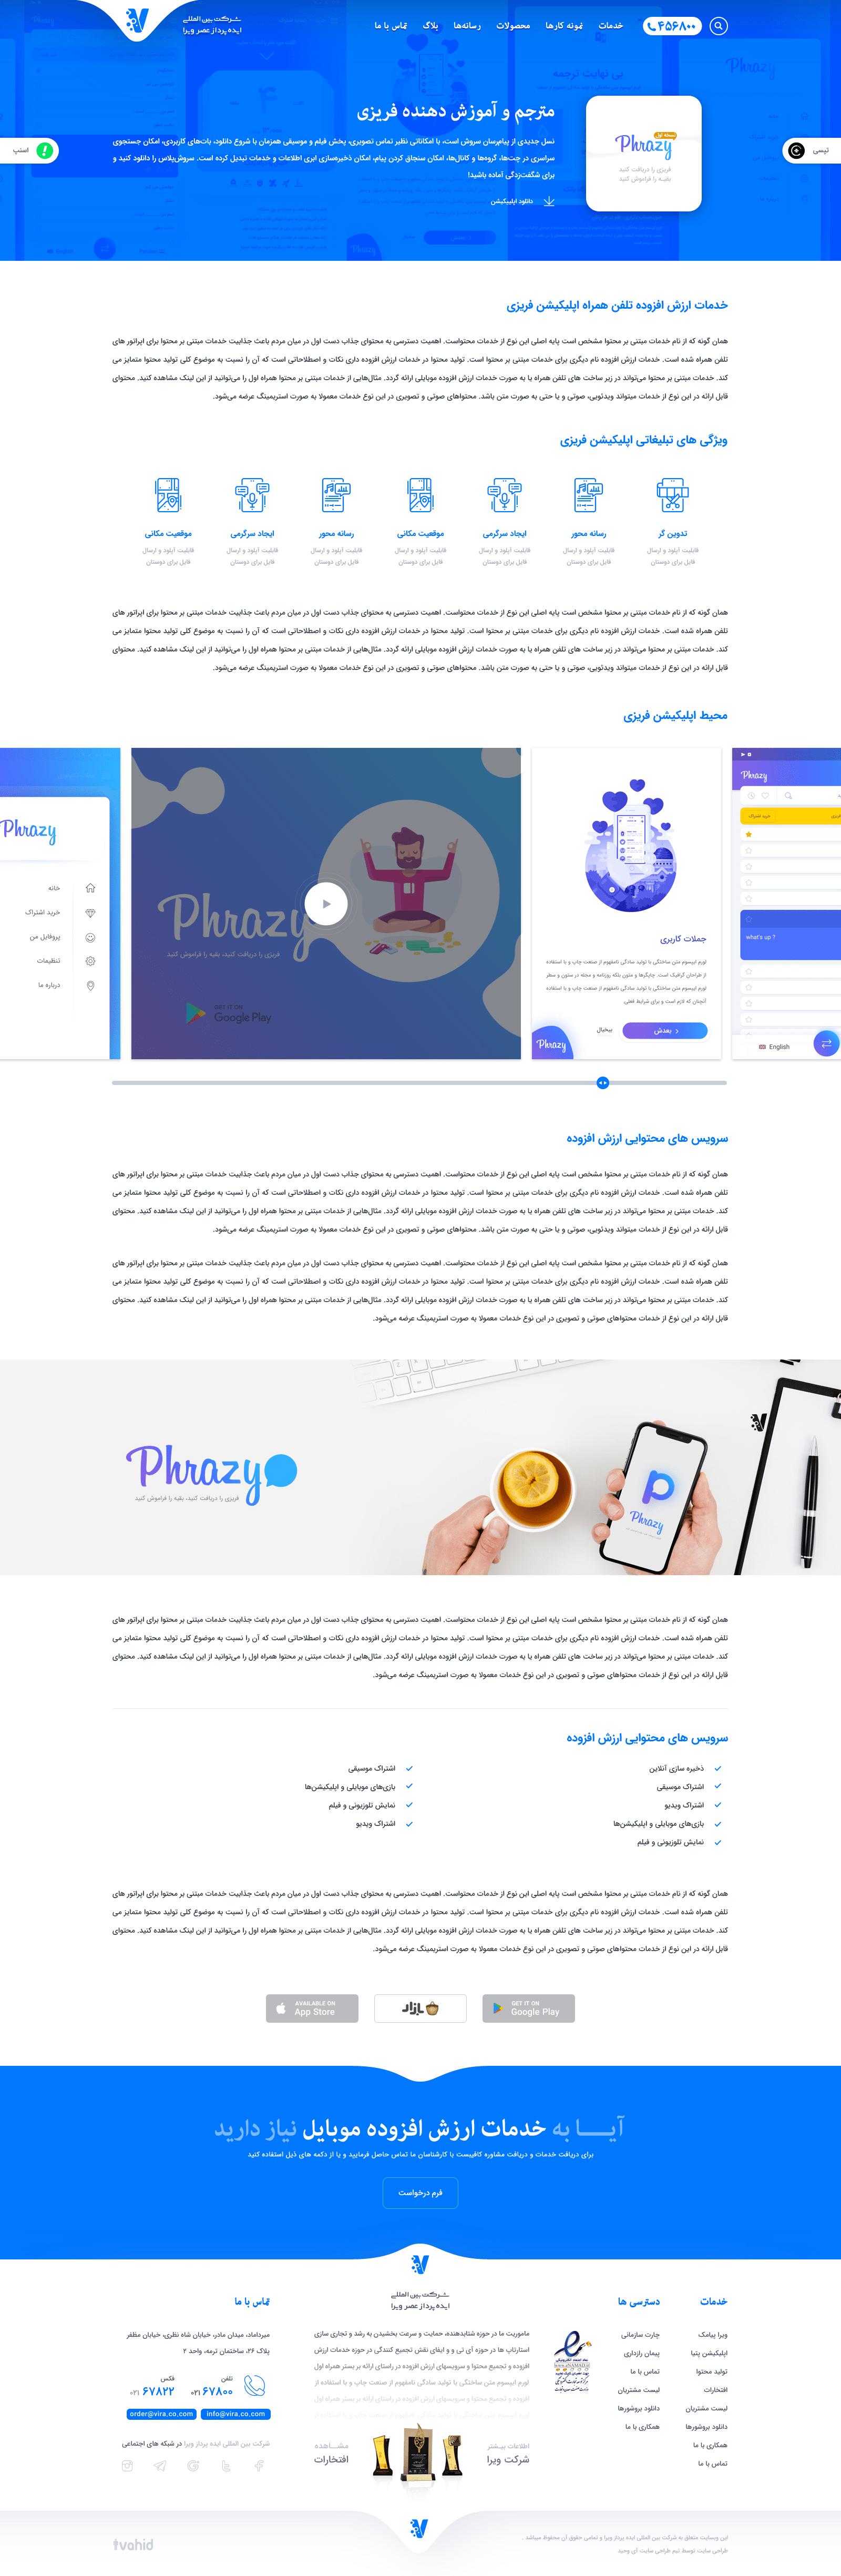 صفحه محصولات